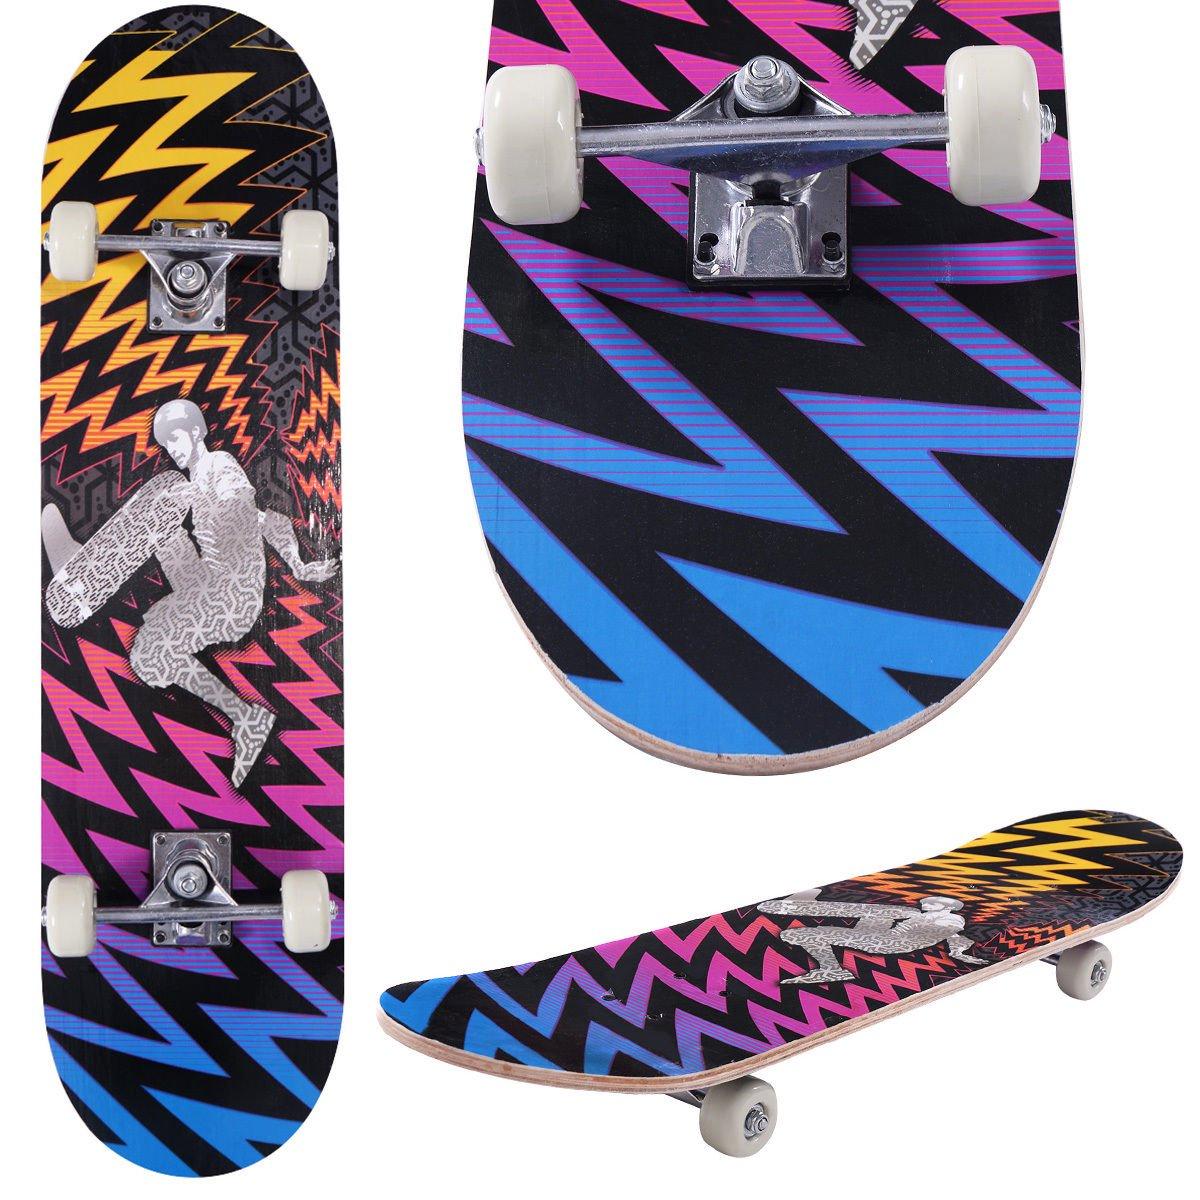 31'' x 8'' Kids Skateboard Complete Wheel Trucks Maple Deck